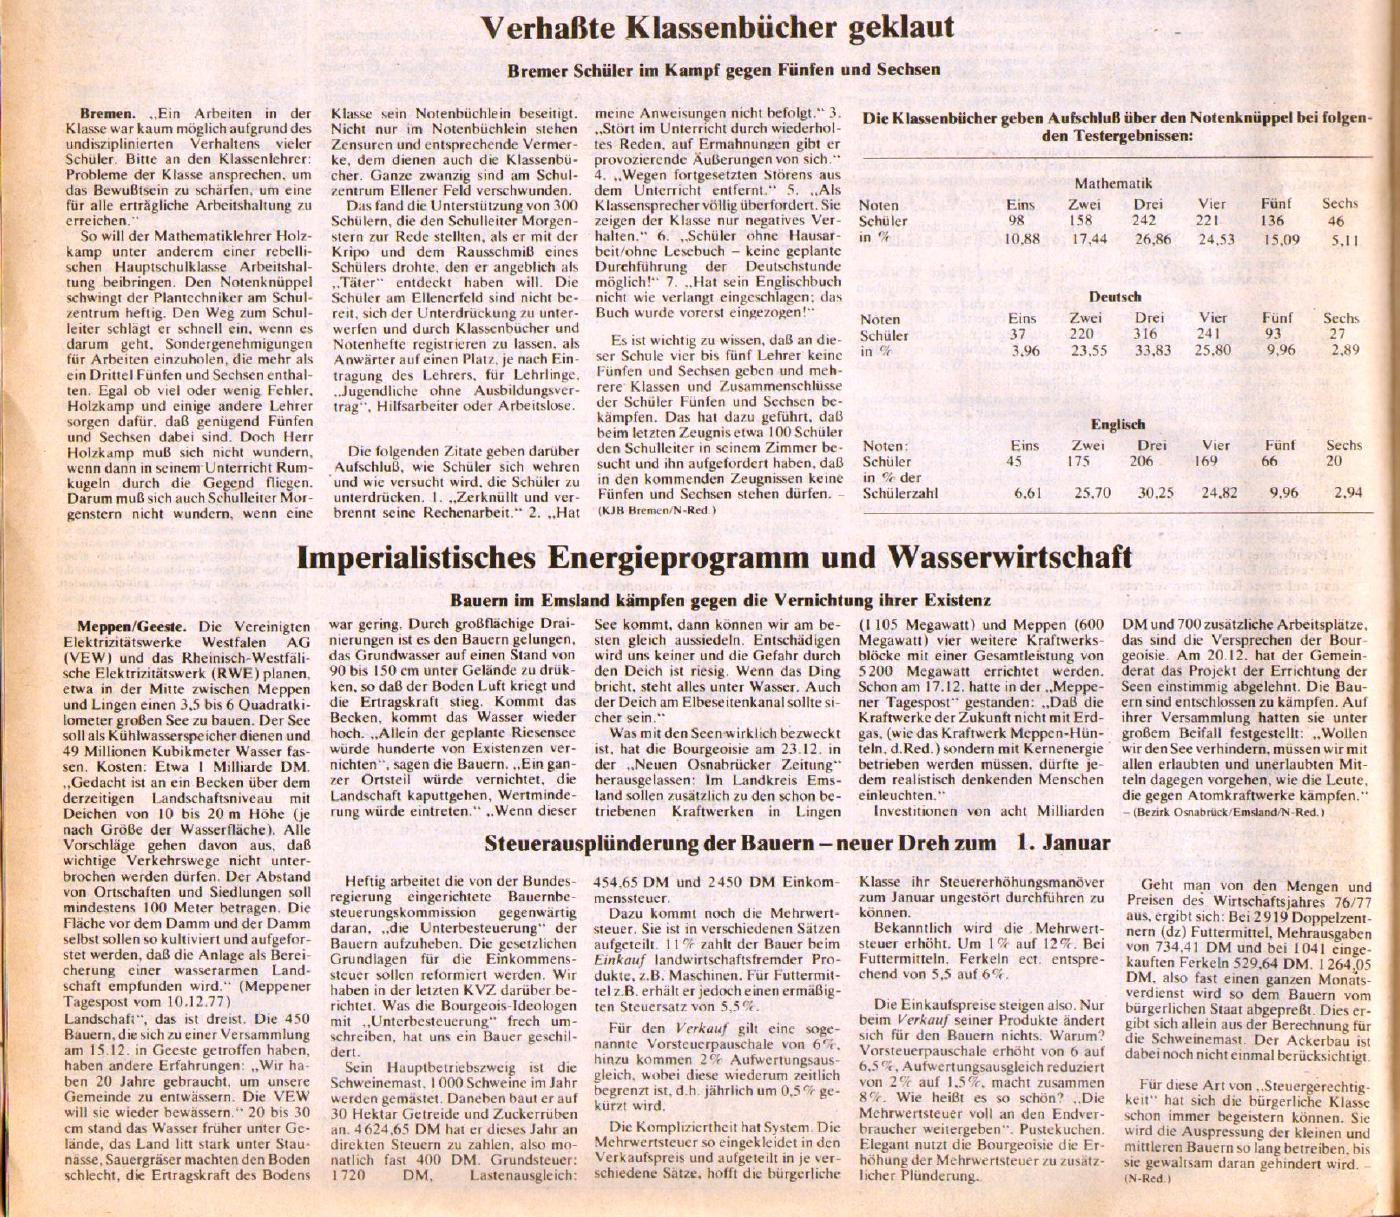 KVZ_Nord_1977_52_16